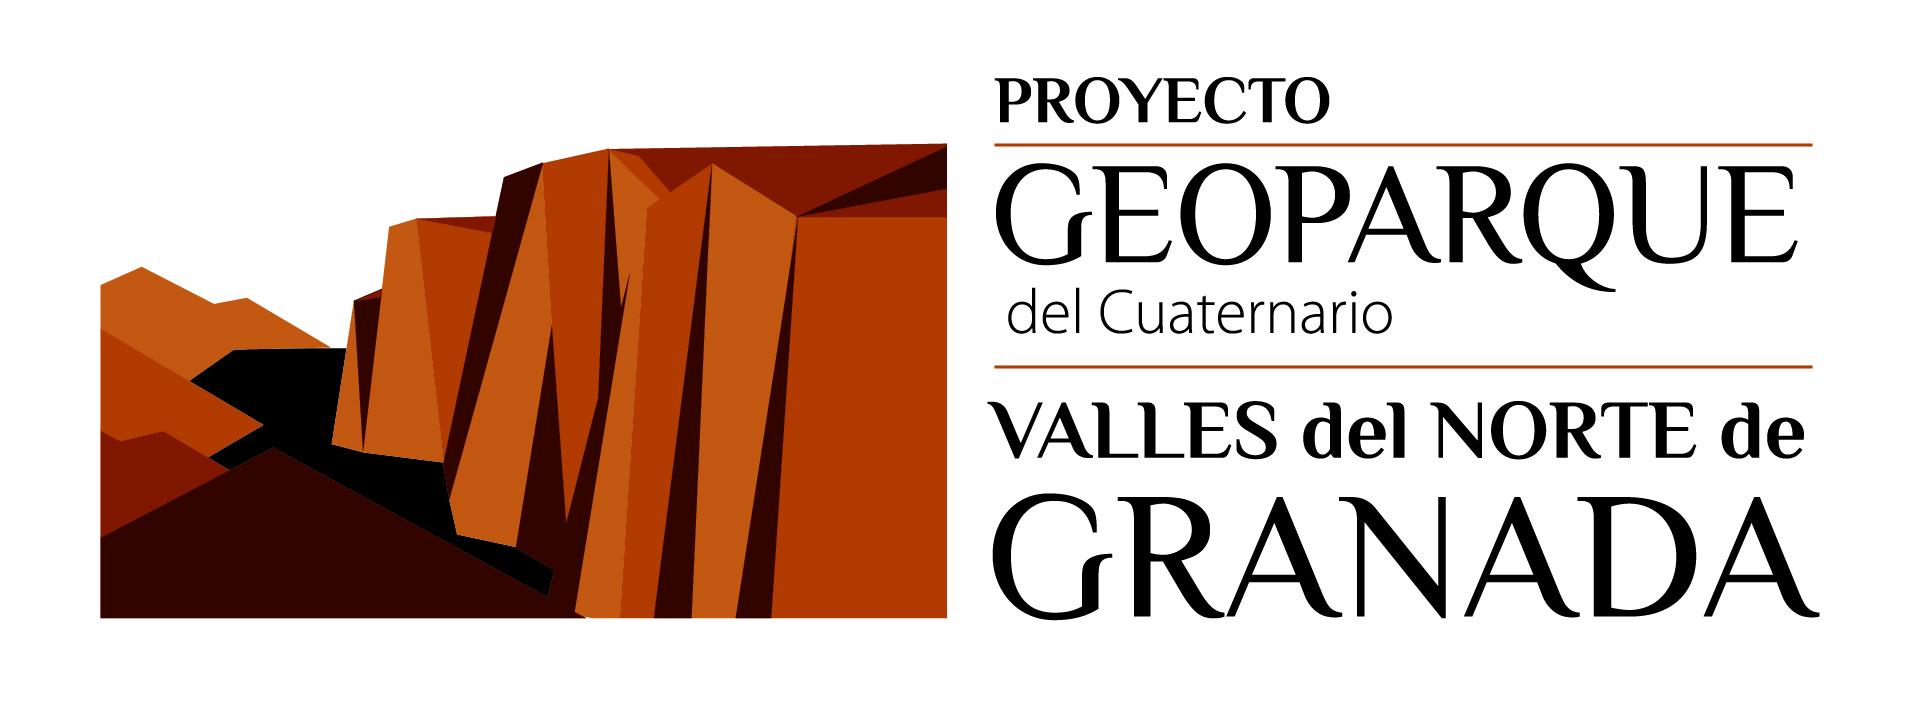 Proyecto Geoparque del Cuaternarnio Valles del Norte de Granada